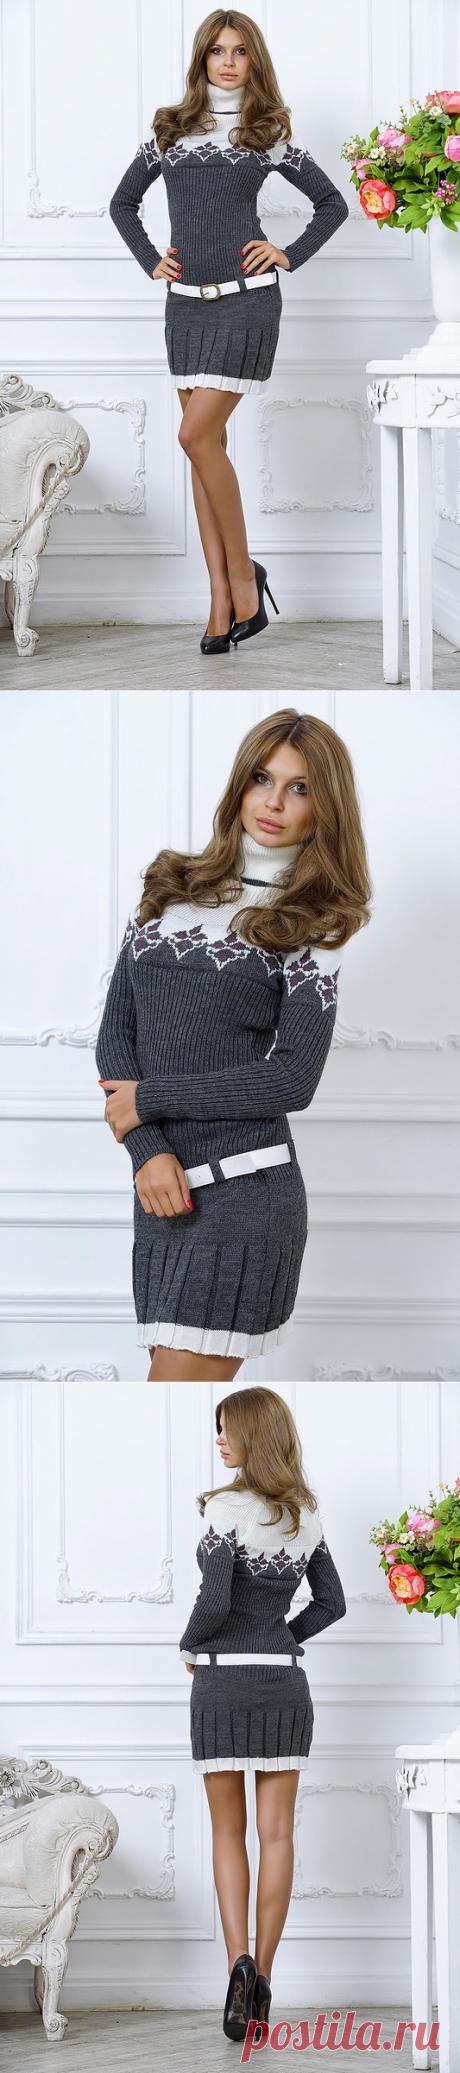 8afeff0d926 Теплое молодежное платье на зимний сезон купить в интернет магазине на  новый год цена в Москве